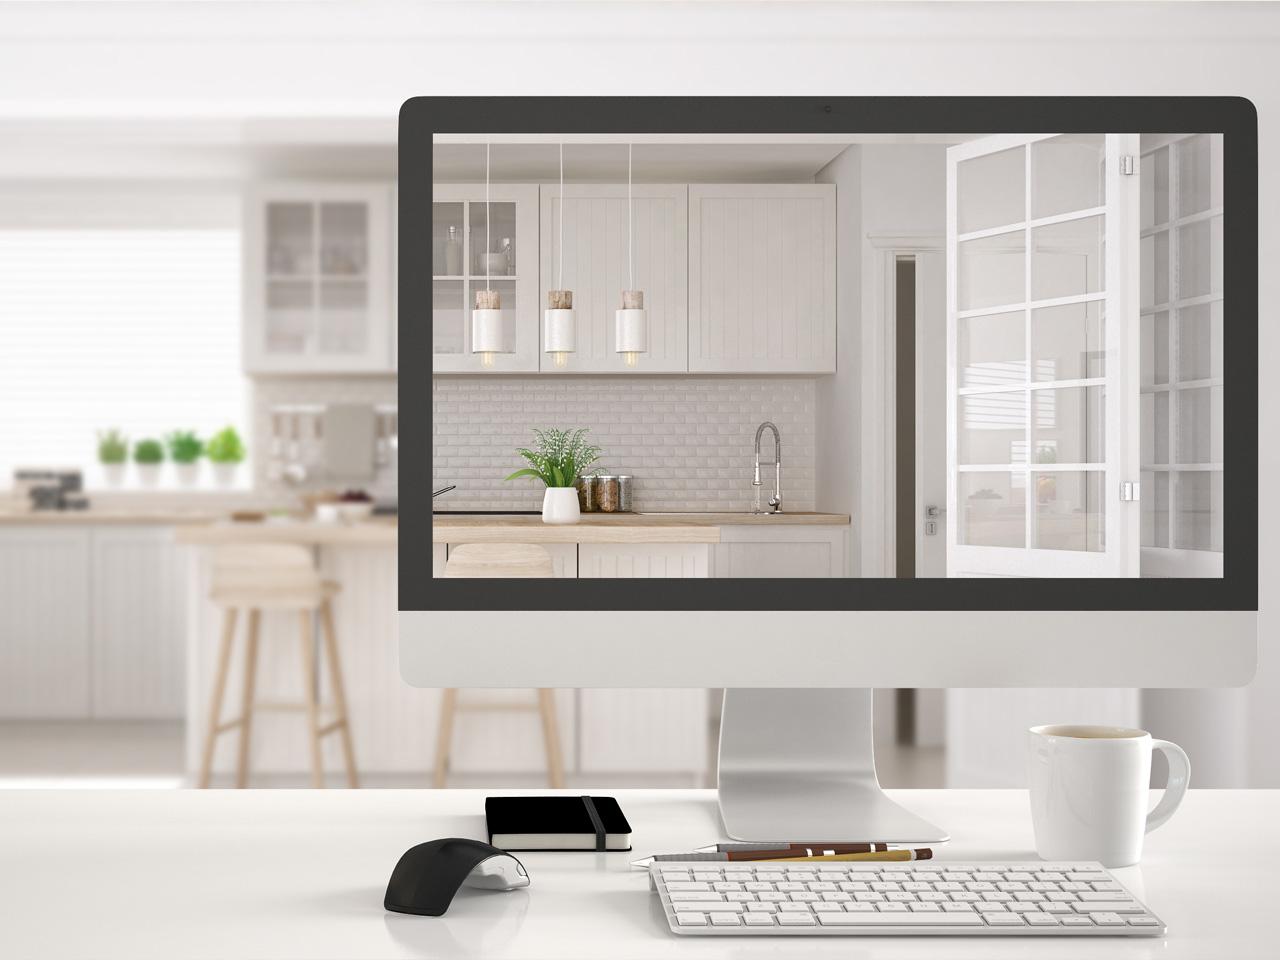 Décoration intérieure en ligne